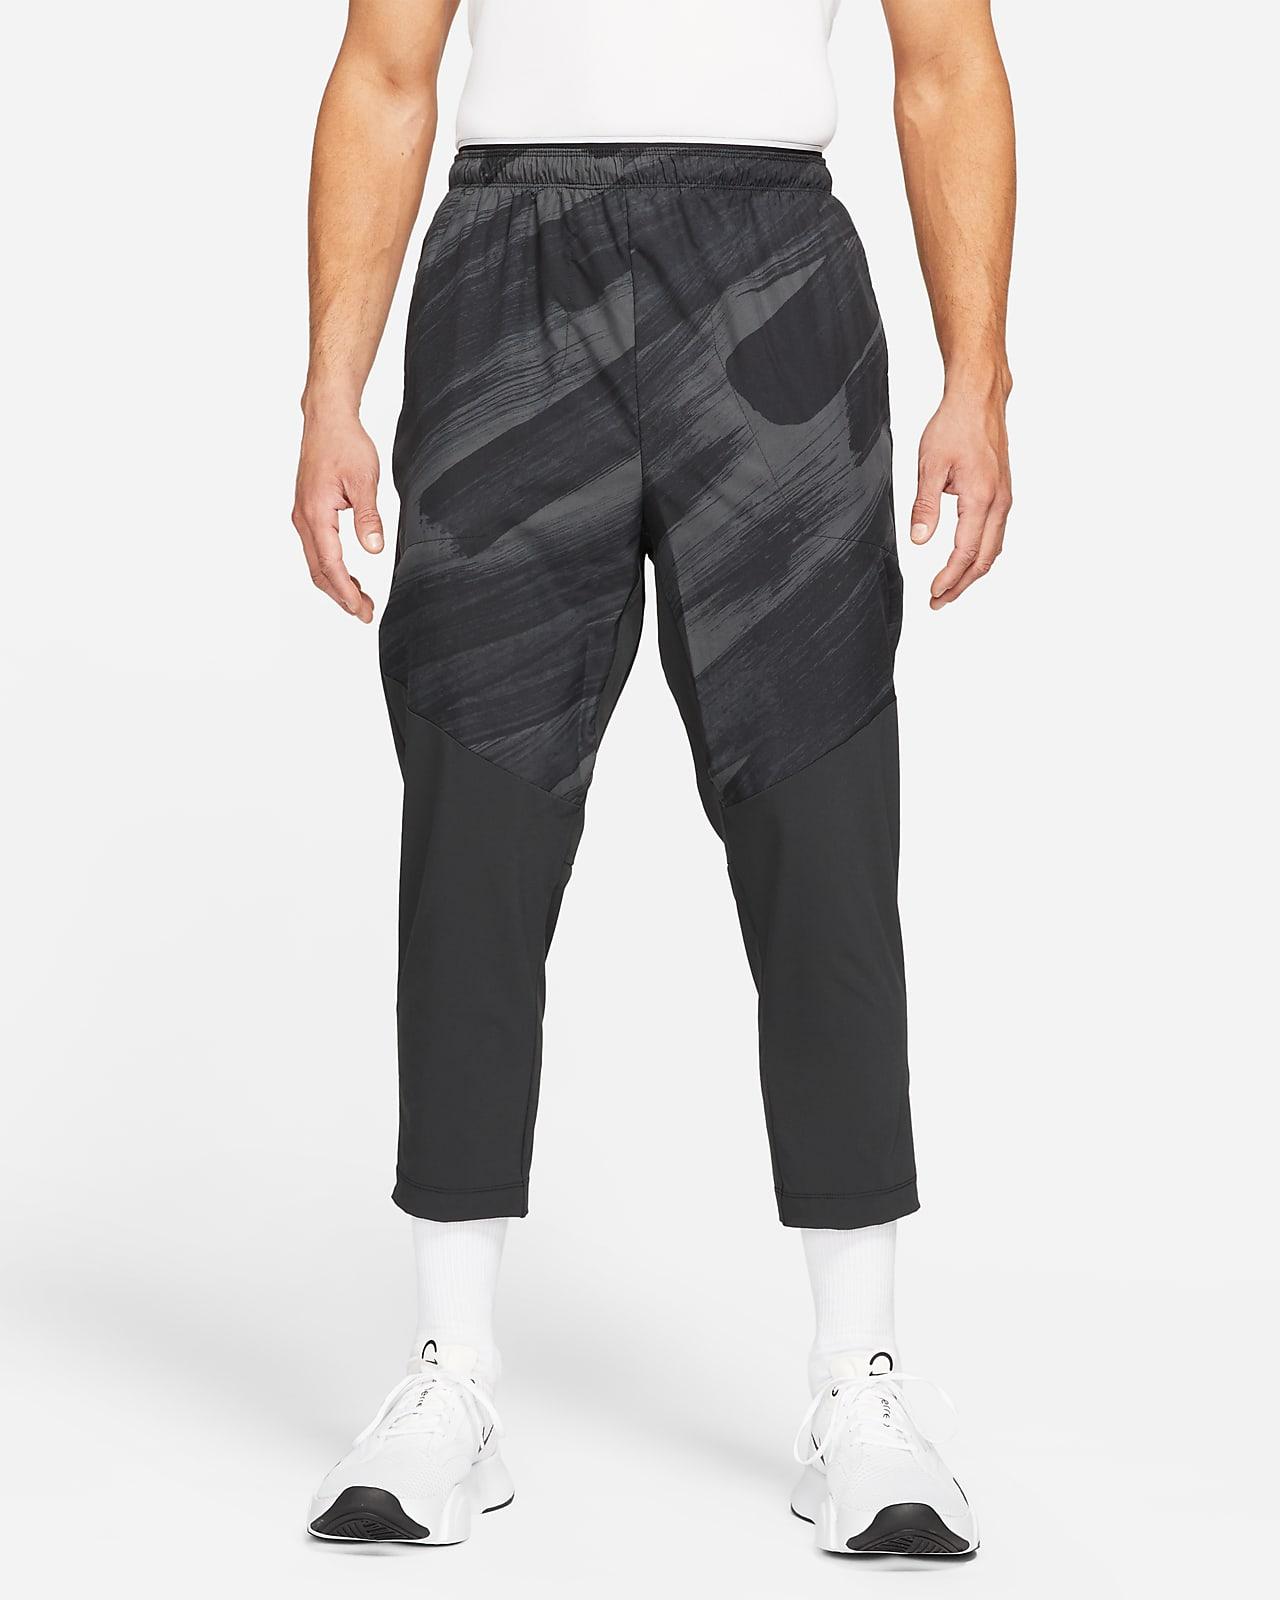 Nike Dri-FIT Sport Clash Men's Woven Training Pants